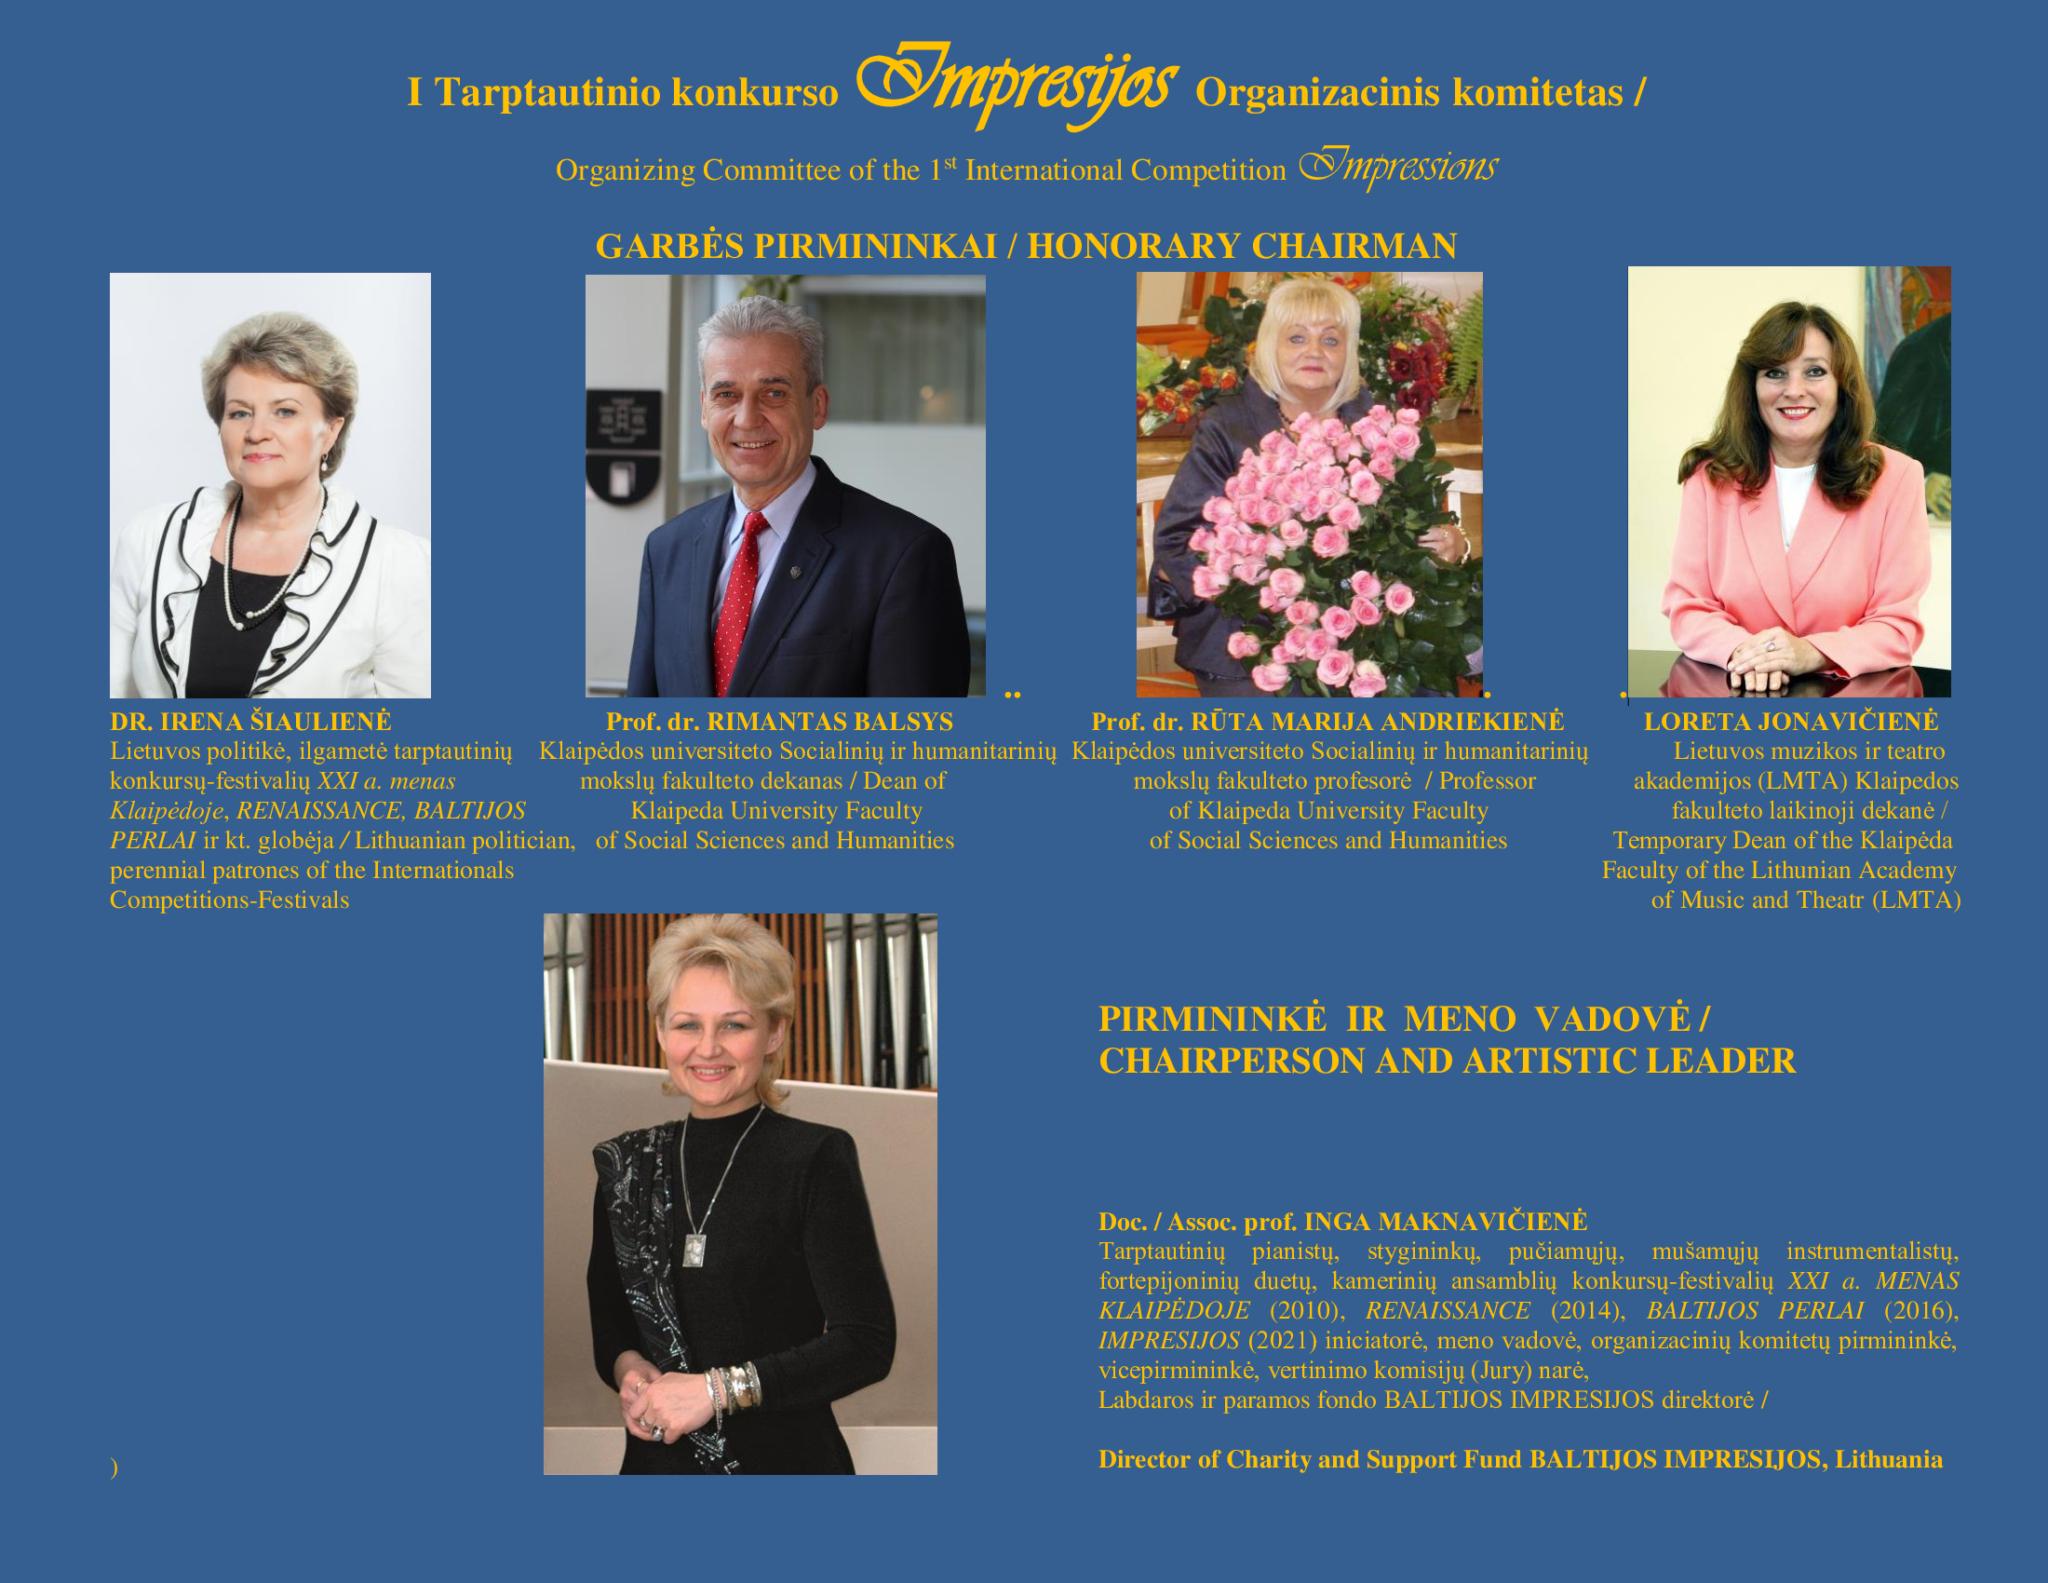 Organizacinis komitetas